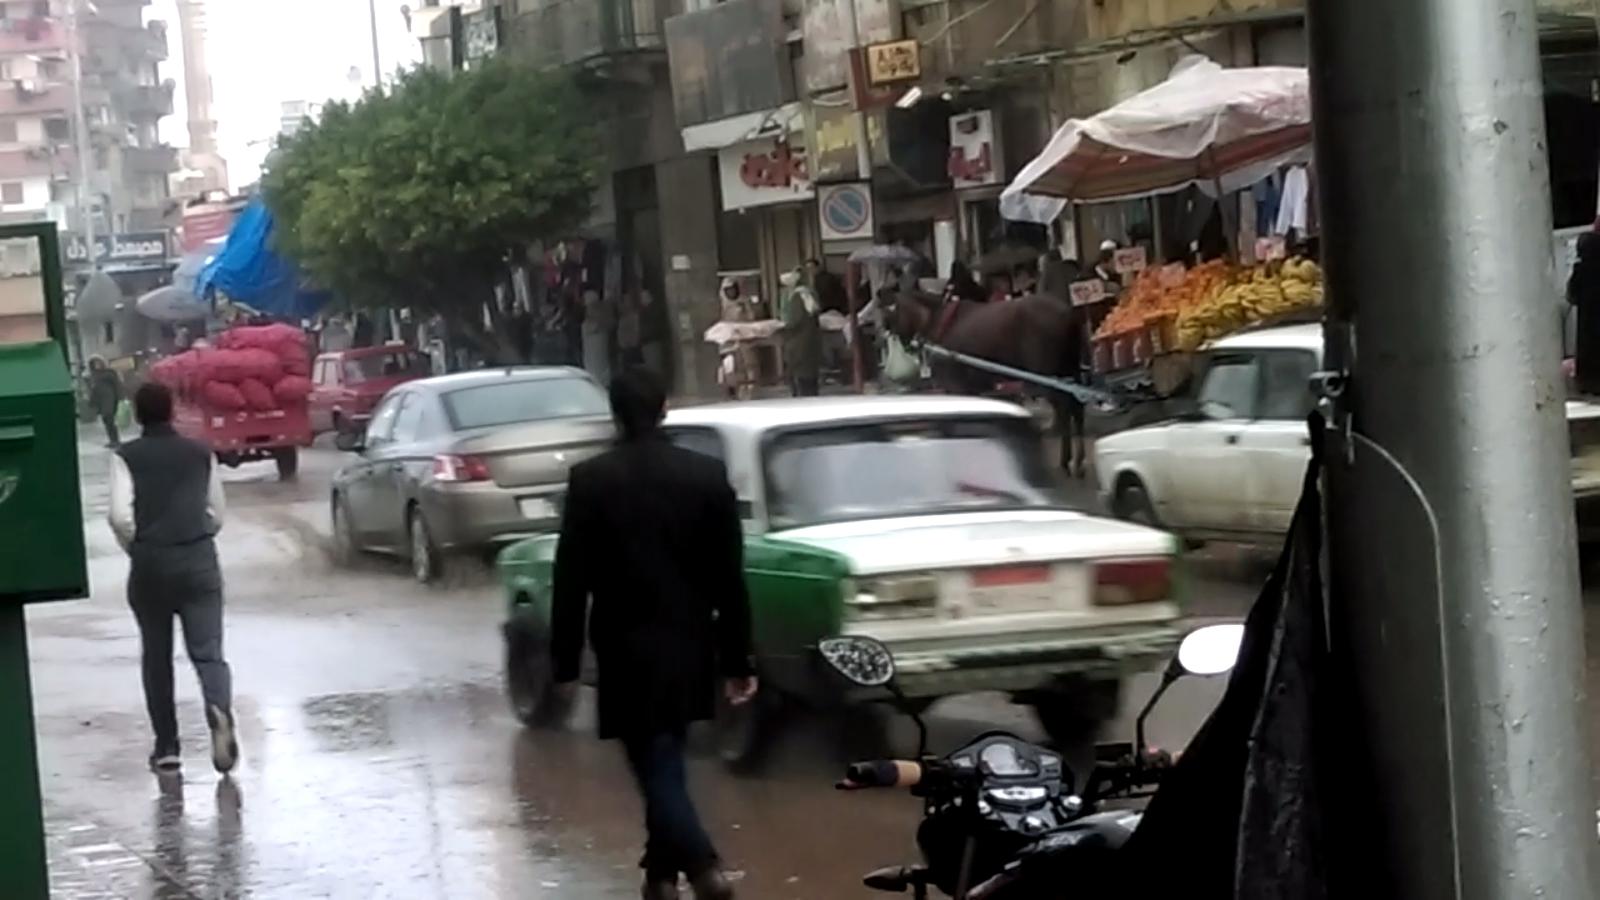 بالصور.. أمطار غزيرة تضرب محافظة البحيرة لليوم الخامس علي التوالي